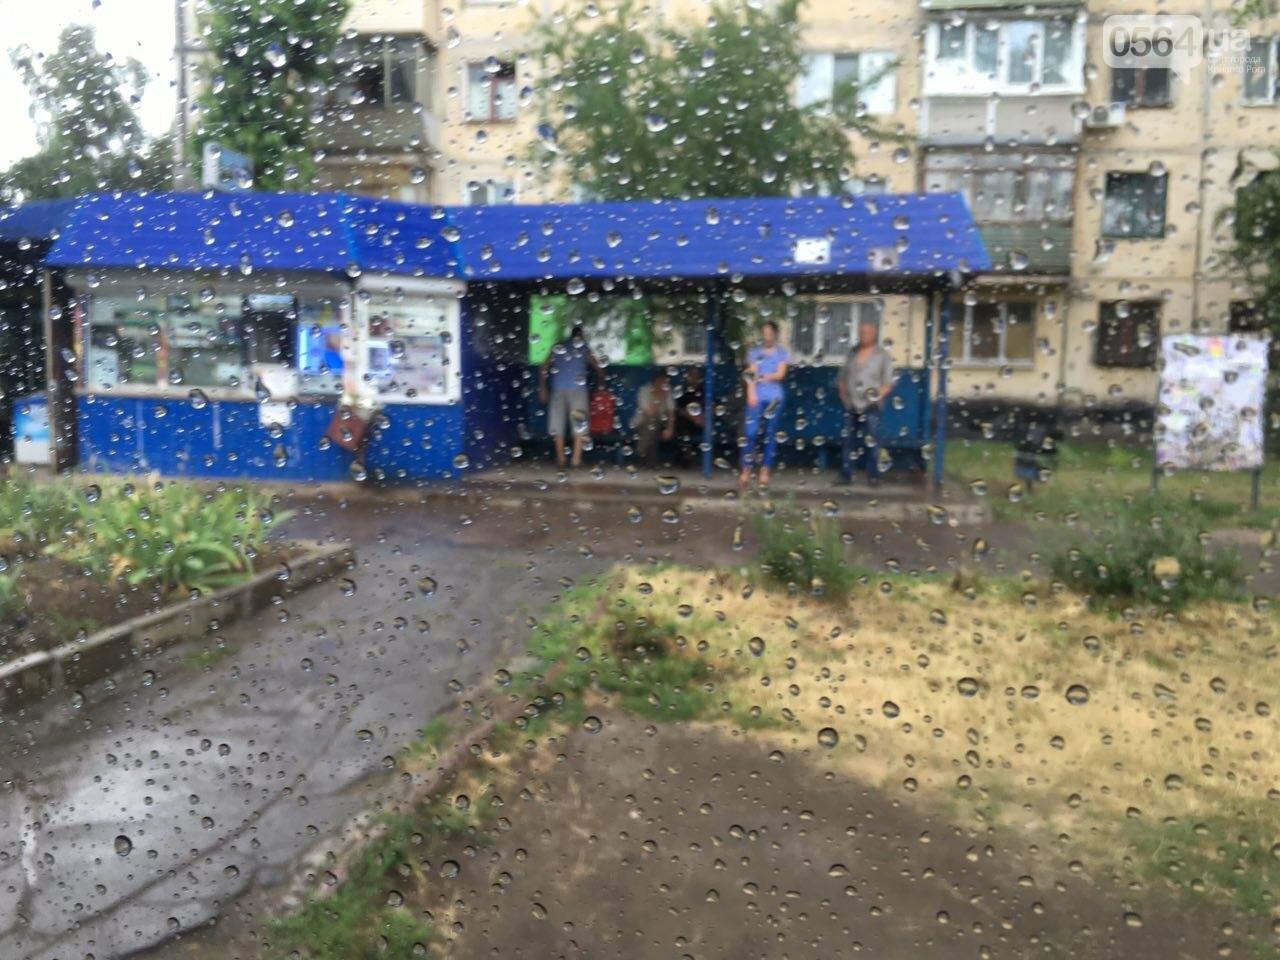 Маршрут дождя: В Кривом Роге в одних районах льет ливень, в других ярко светит солнце, - ФОТО, фото-5